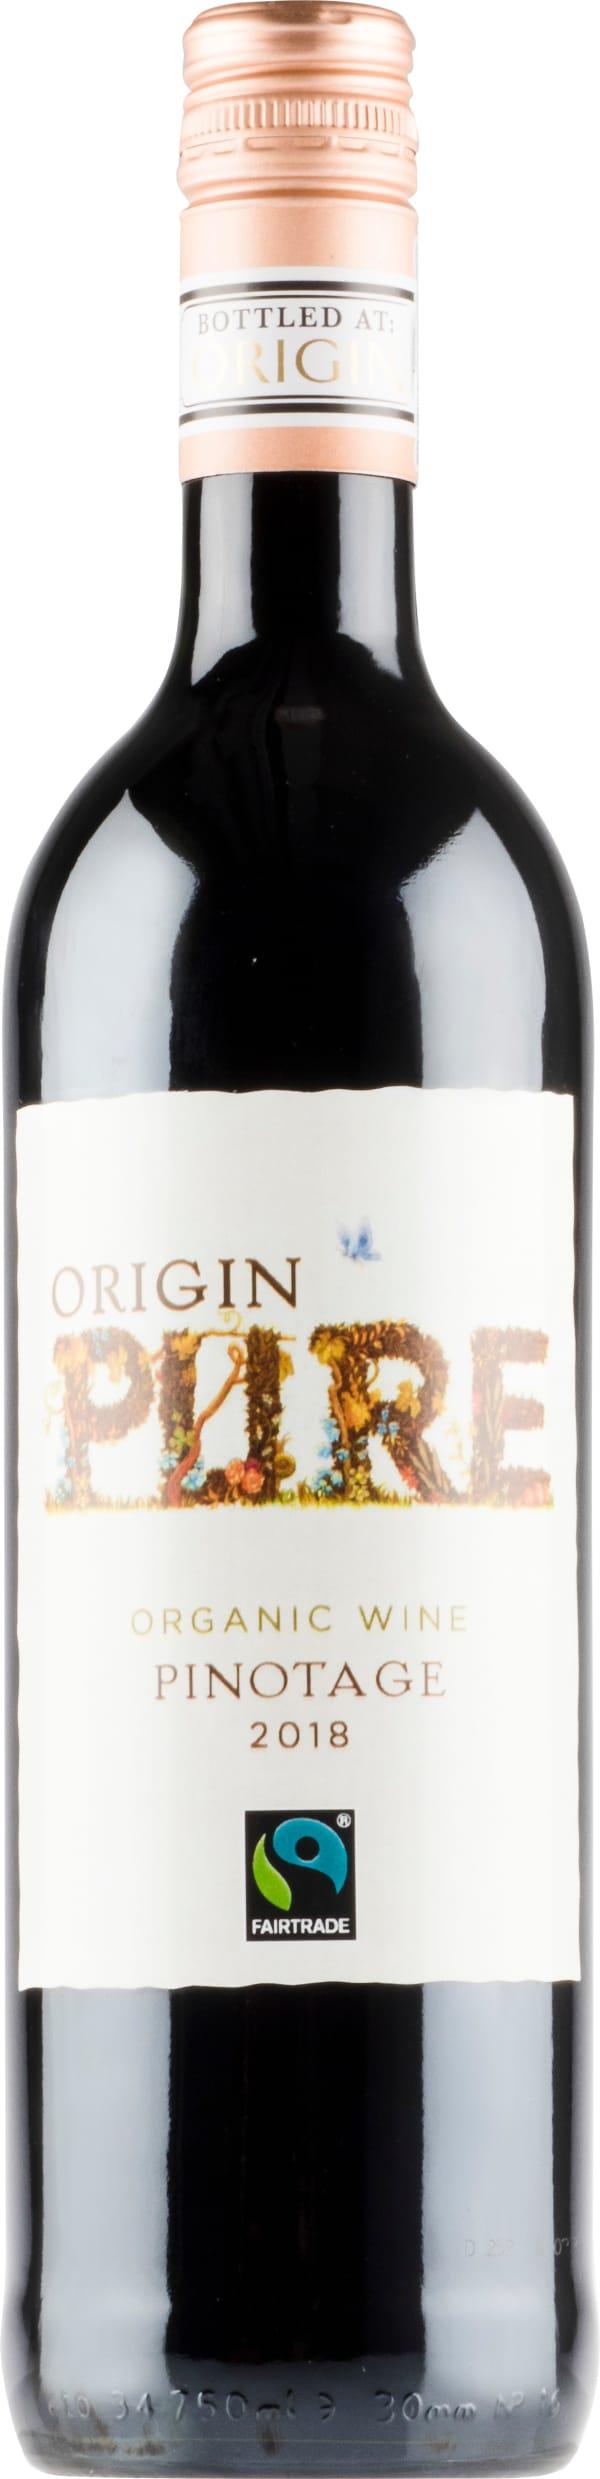 Origin Pure Pinotage 2018